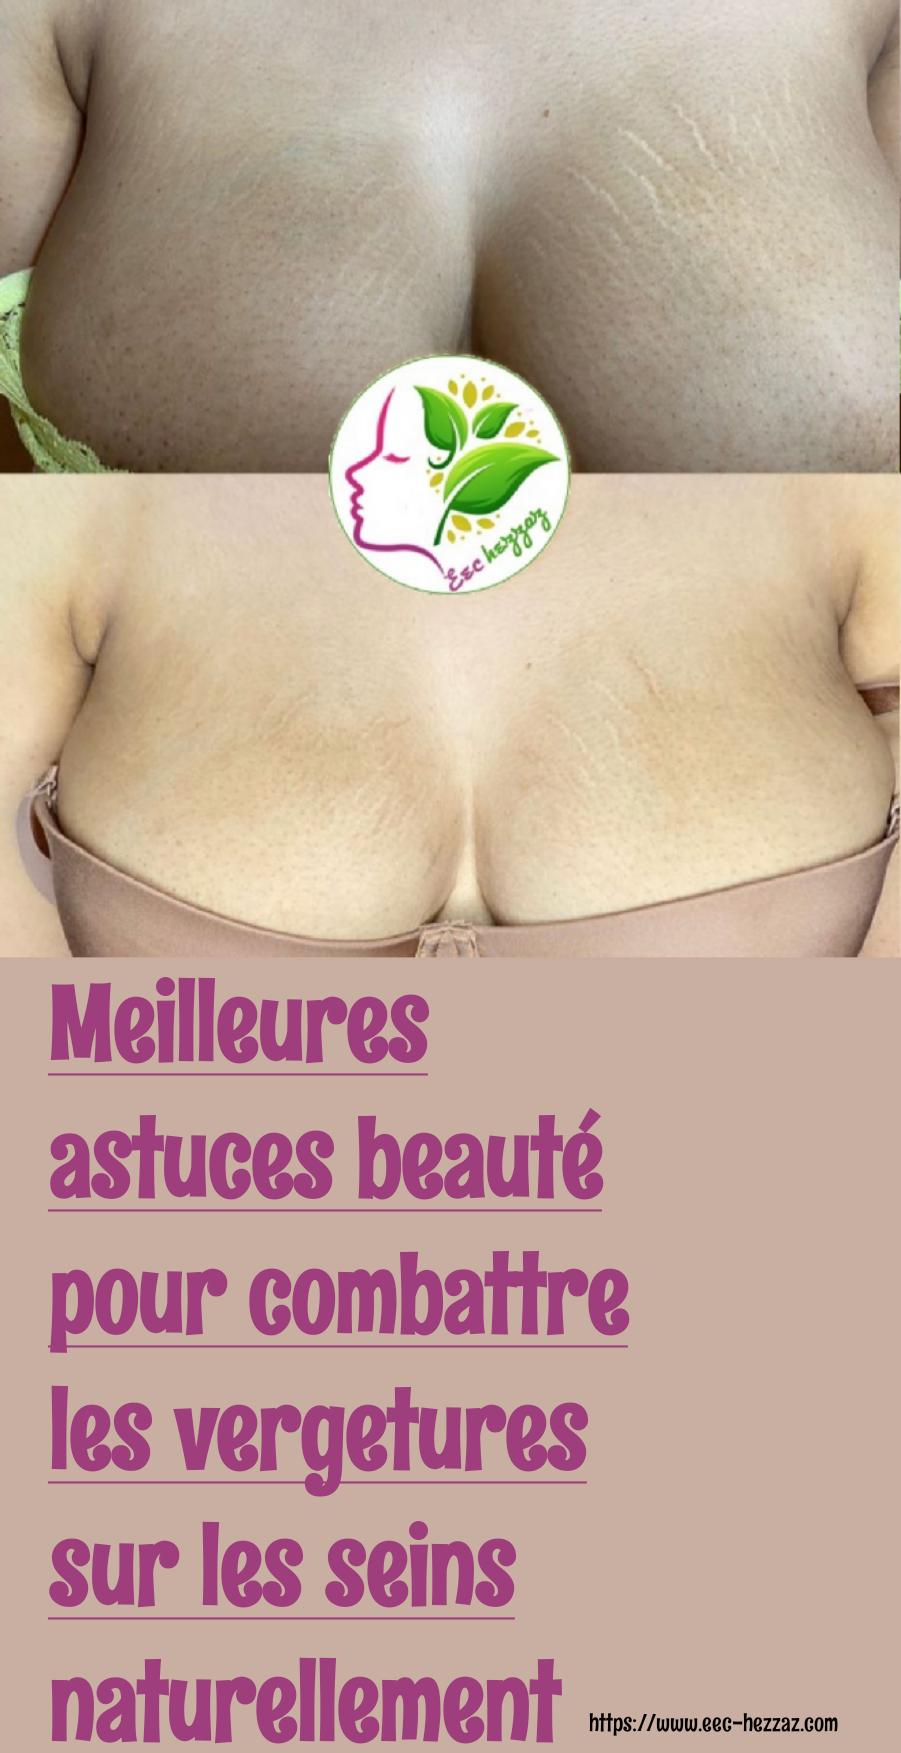 Meilleures astuces beauté pour combattre les vergetures sur les seins naturellement